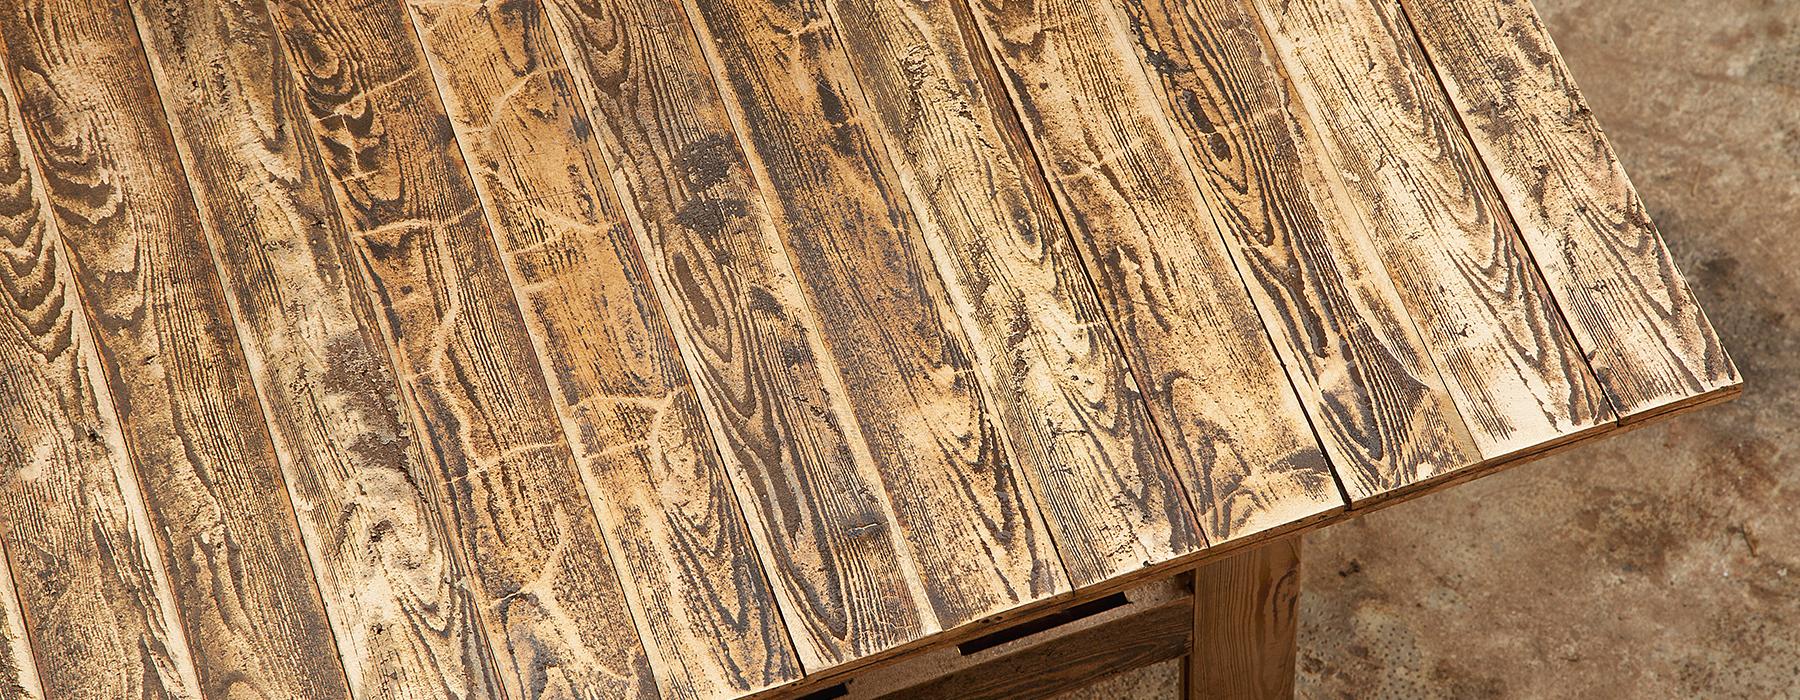 Holz mit Eisen behandeln